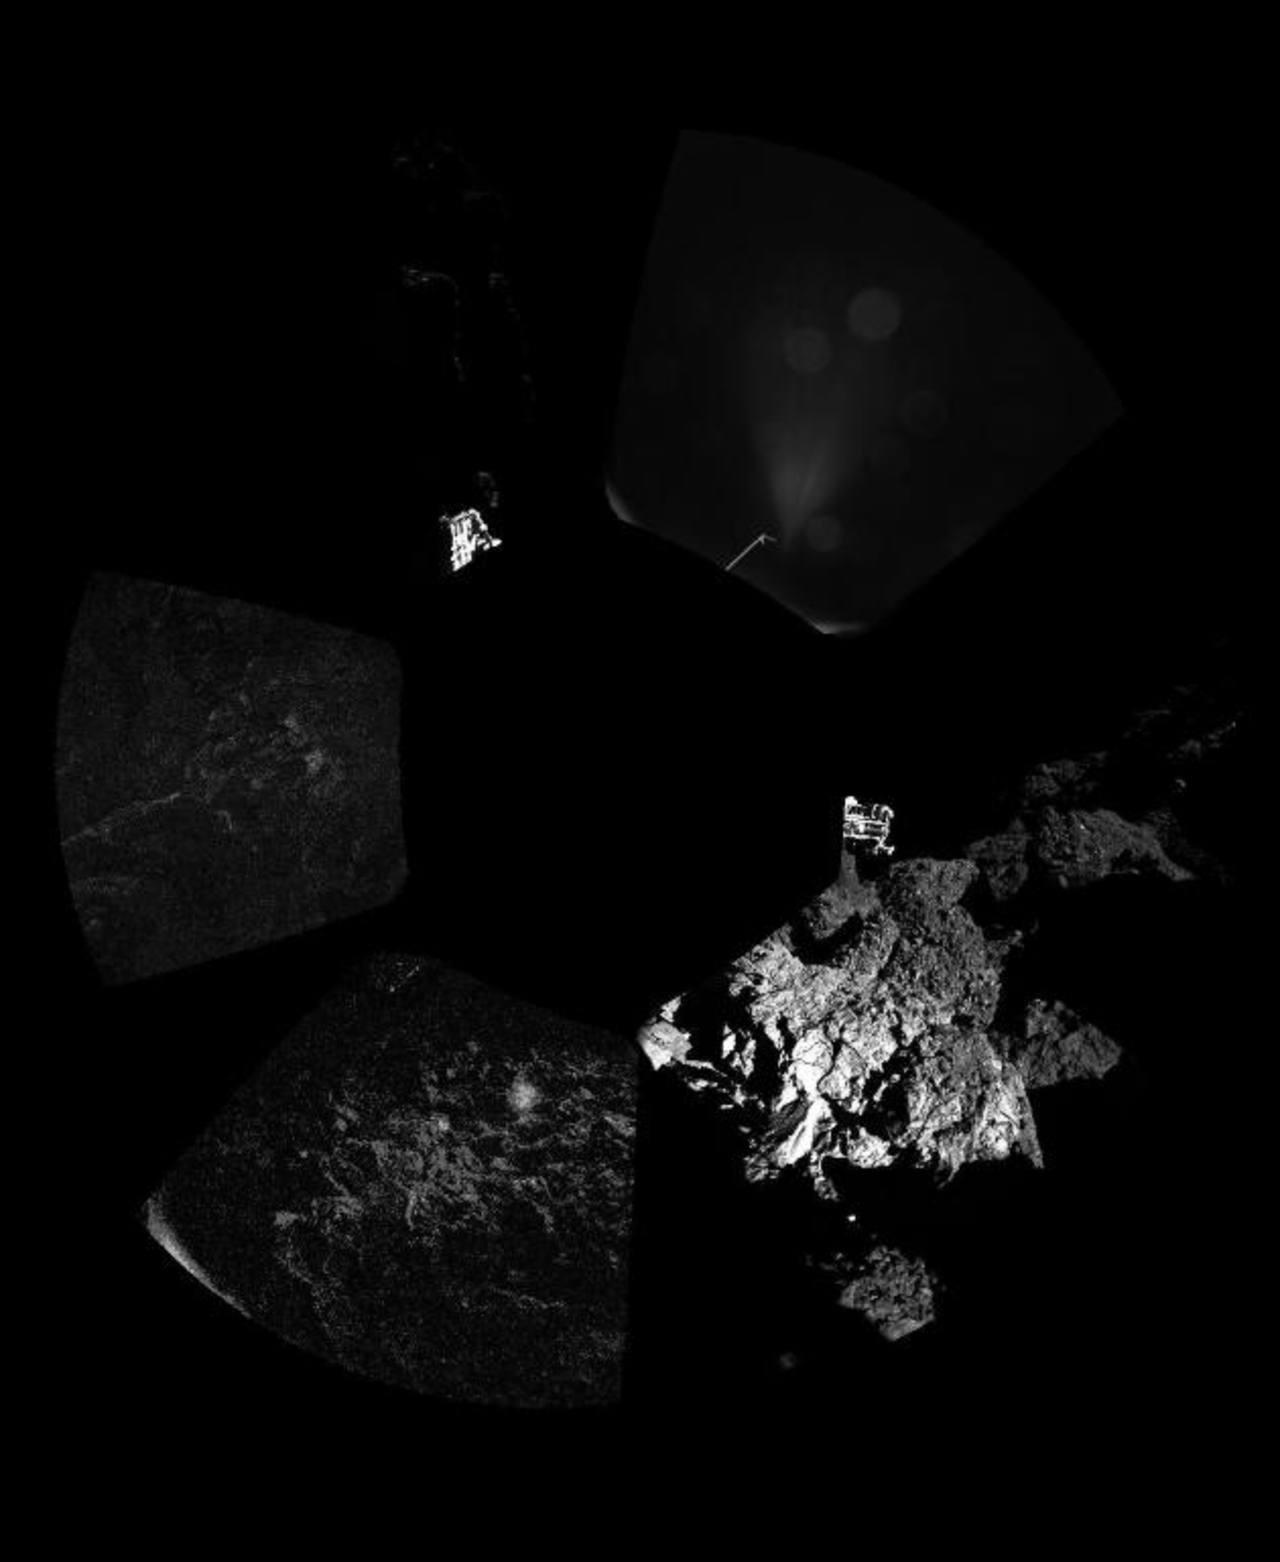 Primera fotografía del módulo Philae de la sonda Rosetta de la ESA sobre la superficie del cometa 67P/Churyumov-Gerasimenko. Foto EDH